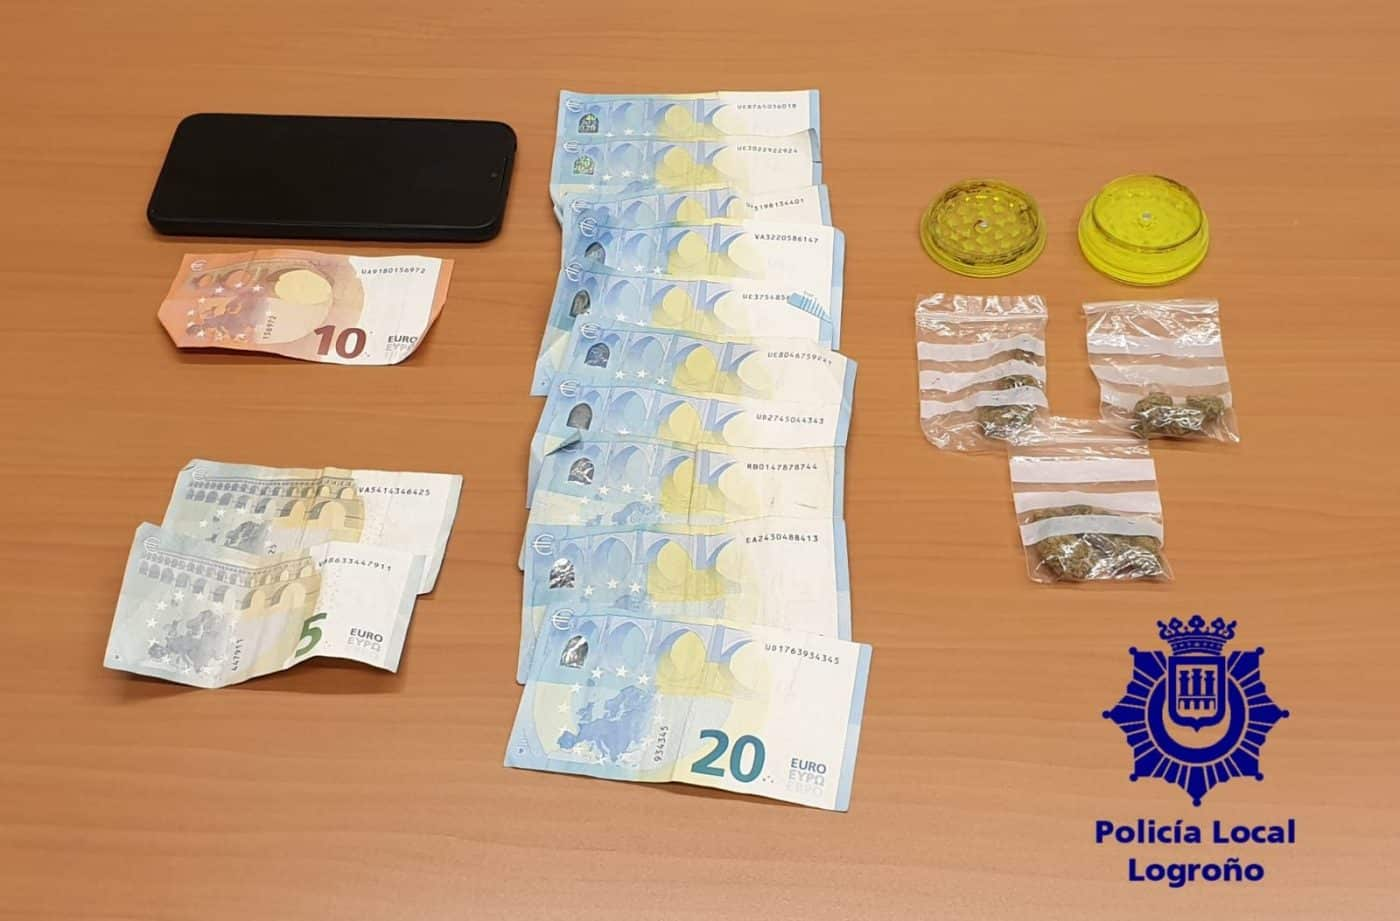 La Policía Local de Logroño retira una víbora en la calle Chile 1